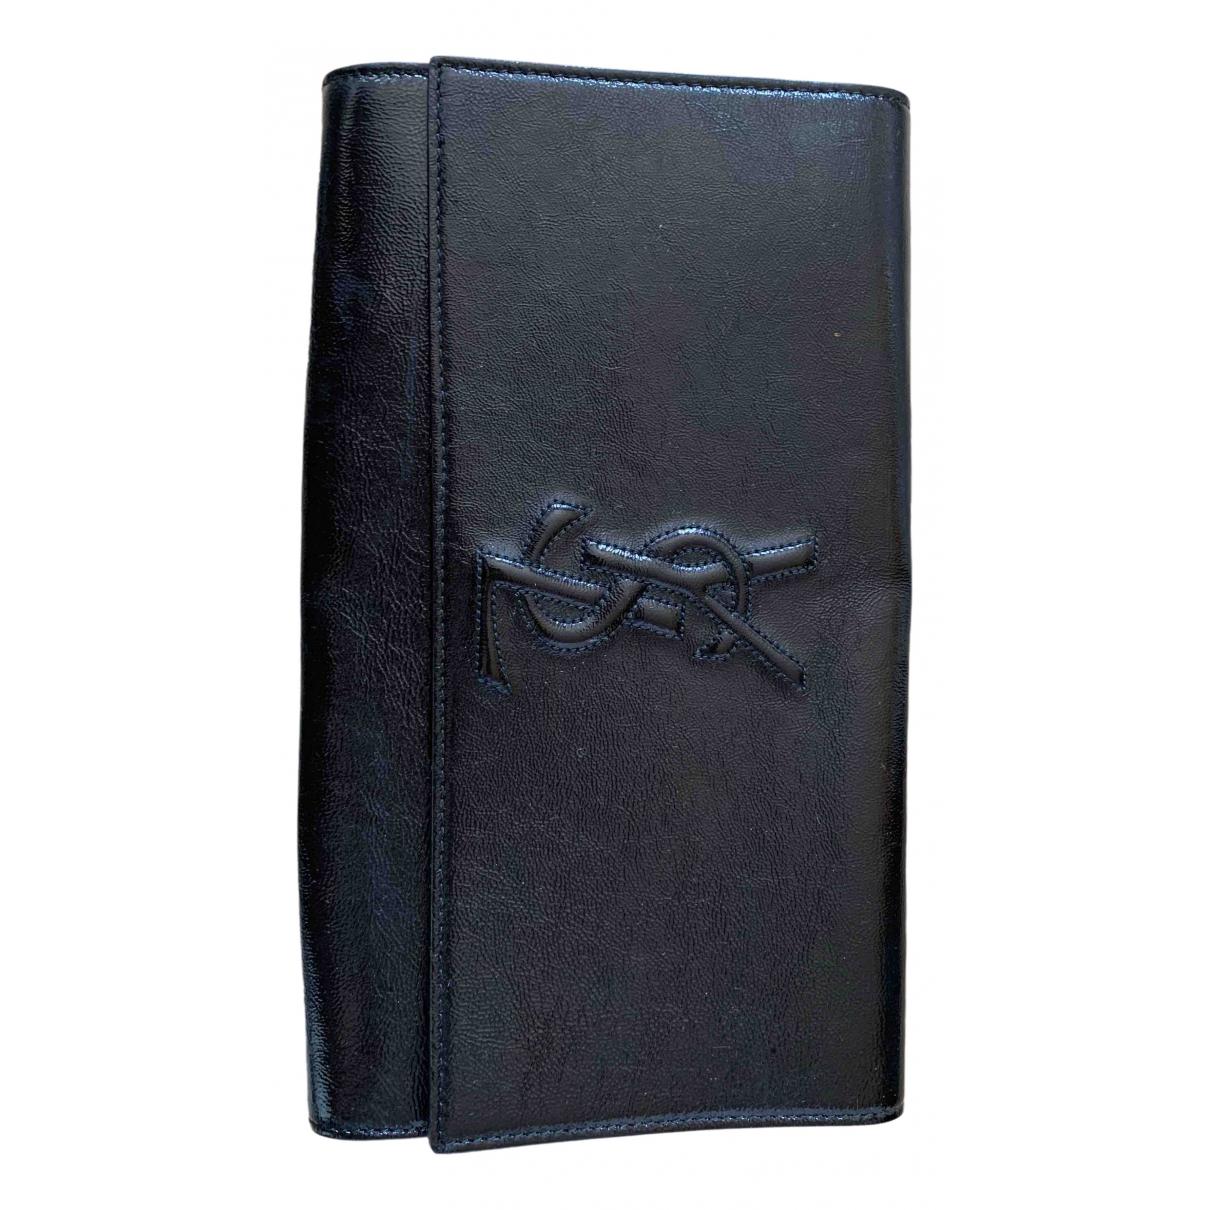 Yves Saint Laurent - Pochette Belle de Jour pour femme en cuir verni - noir